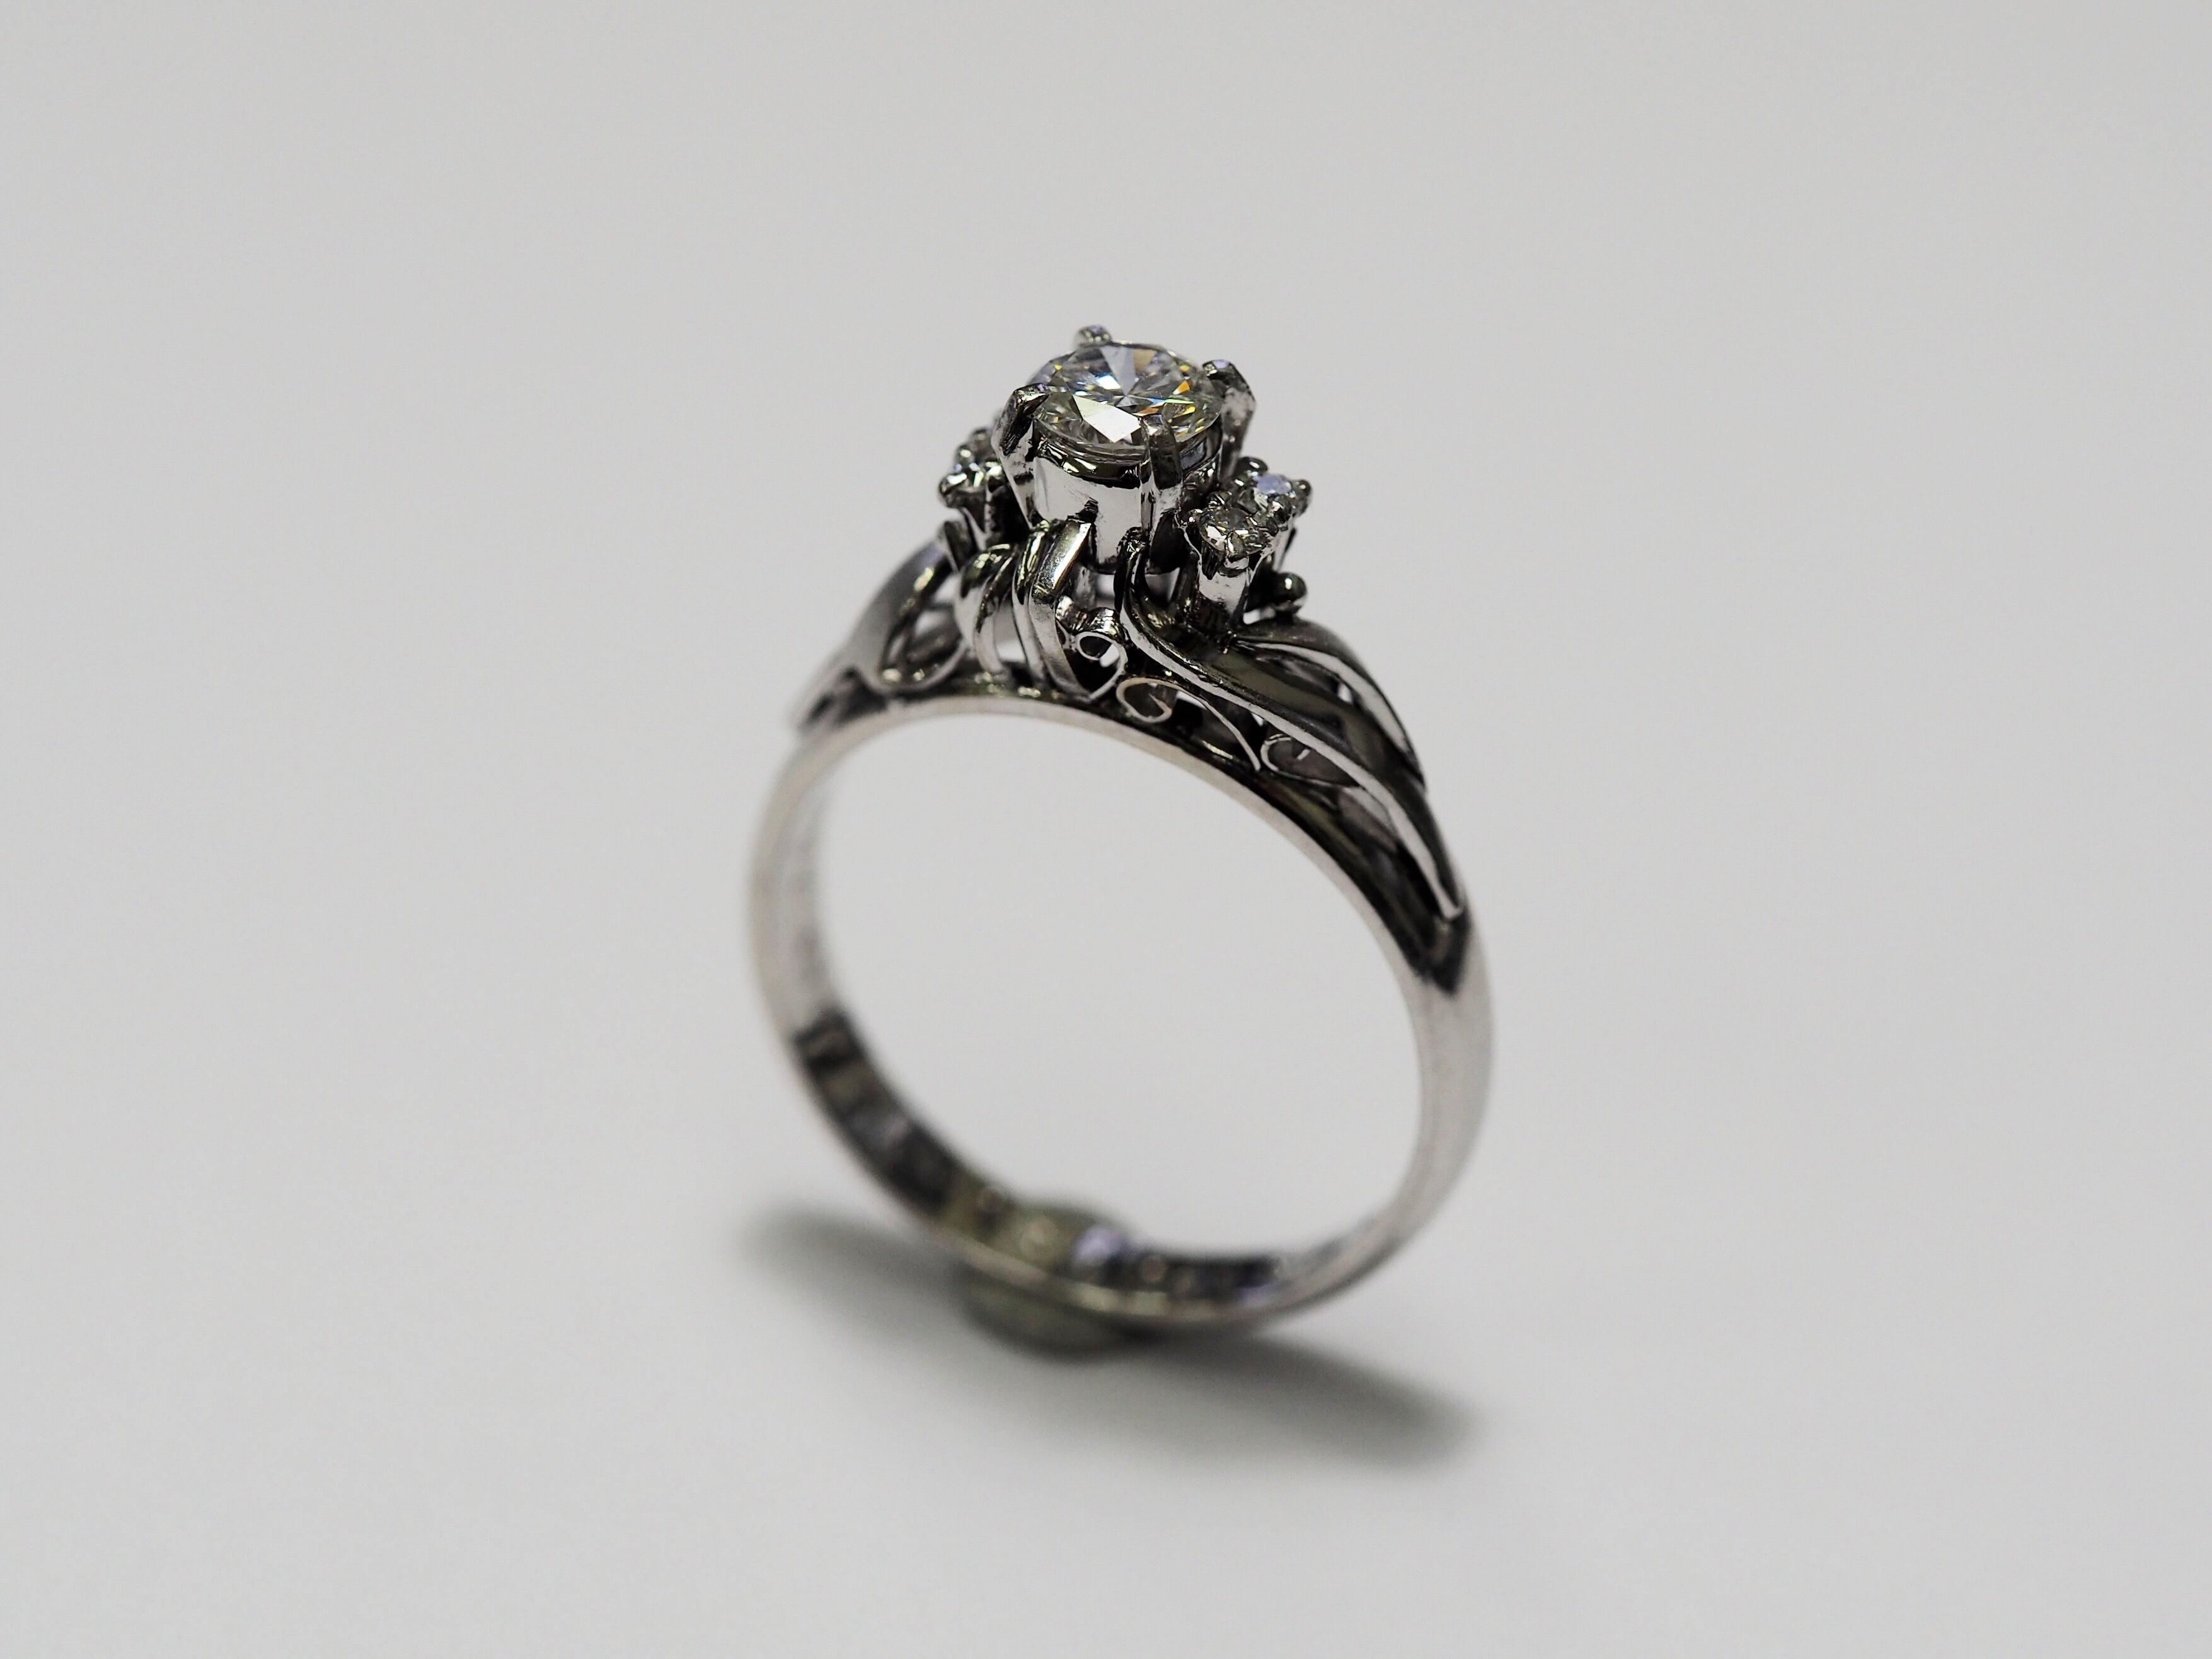 指輪 修理 リフォームジュエリー リメイク リモデル プラチナ 立て爪 ダイヤモンド SAIJO 森拓郎